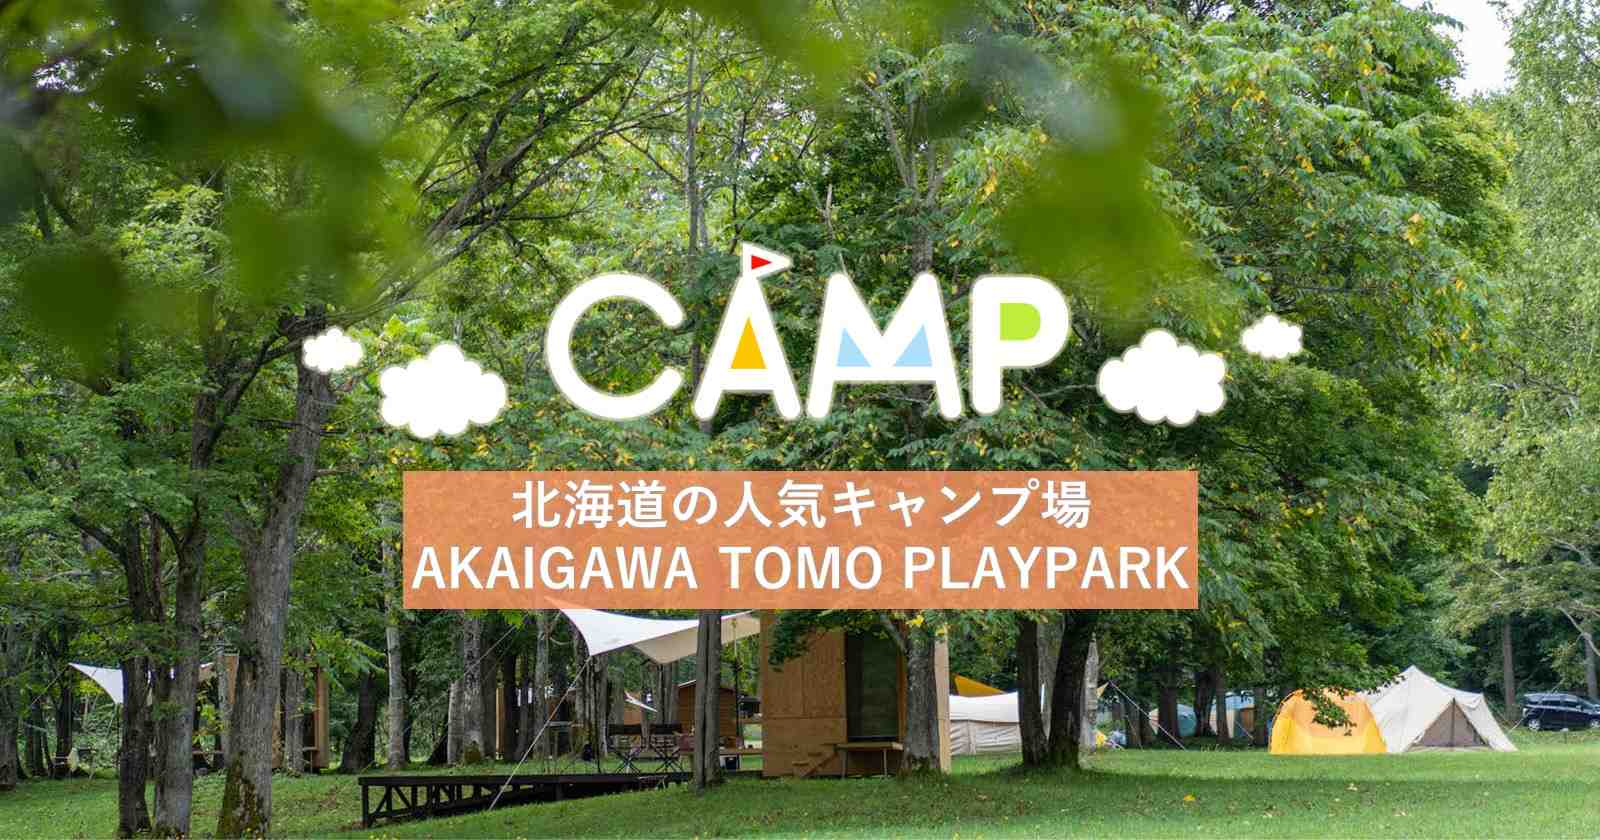 【北海道赤井川村】充実のアクティビティと綺麗な星空が見えるAKAIGAWA TOMO PLAYPARK